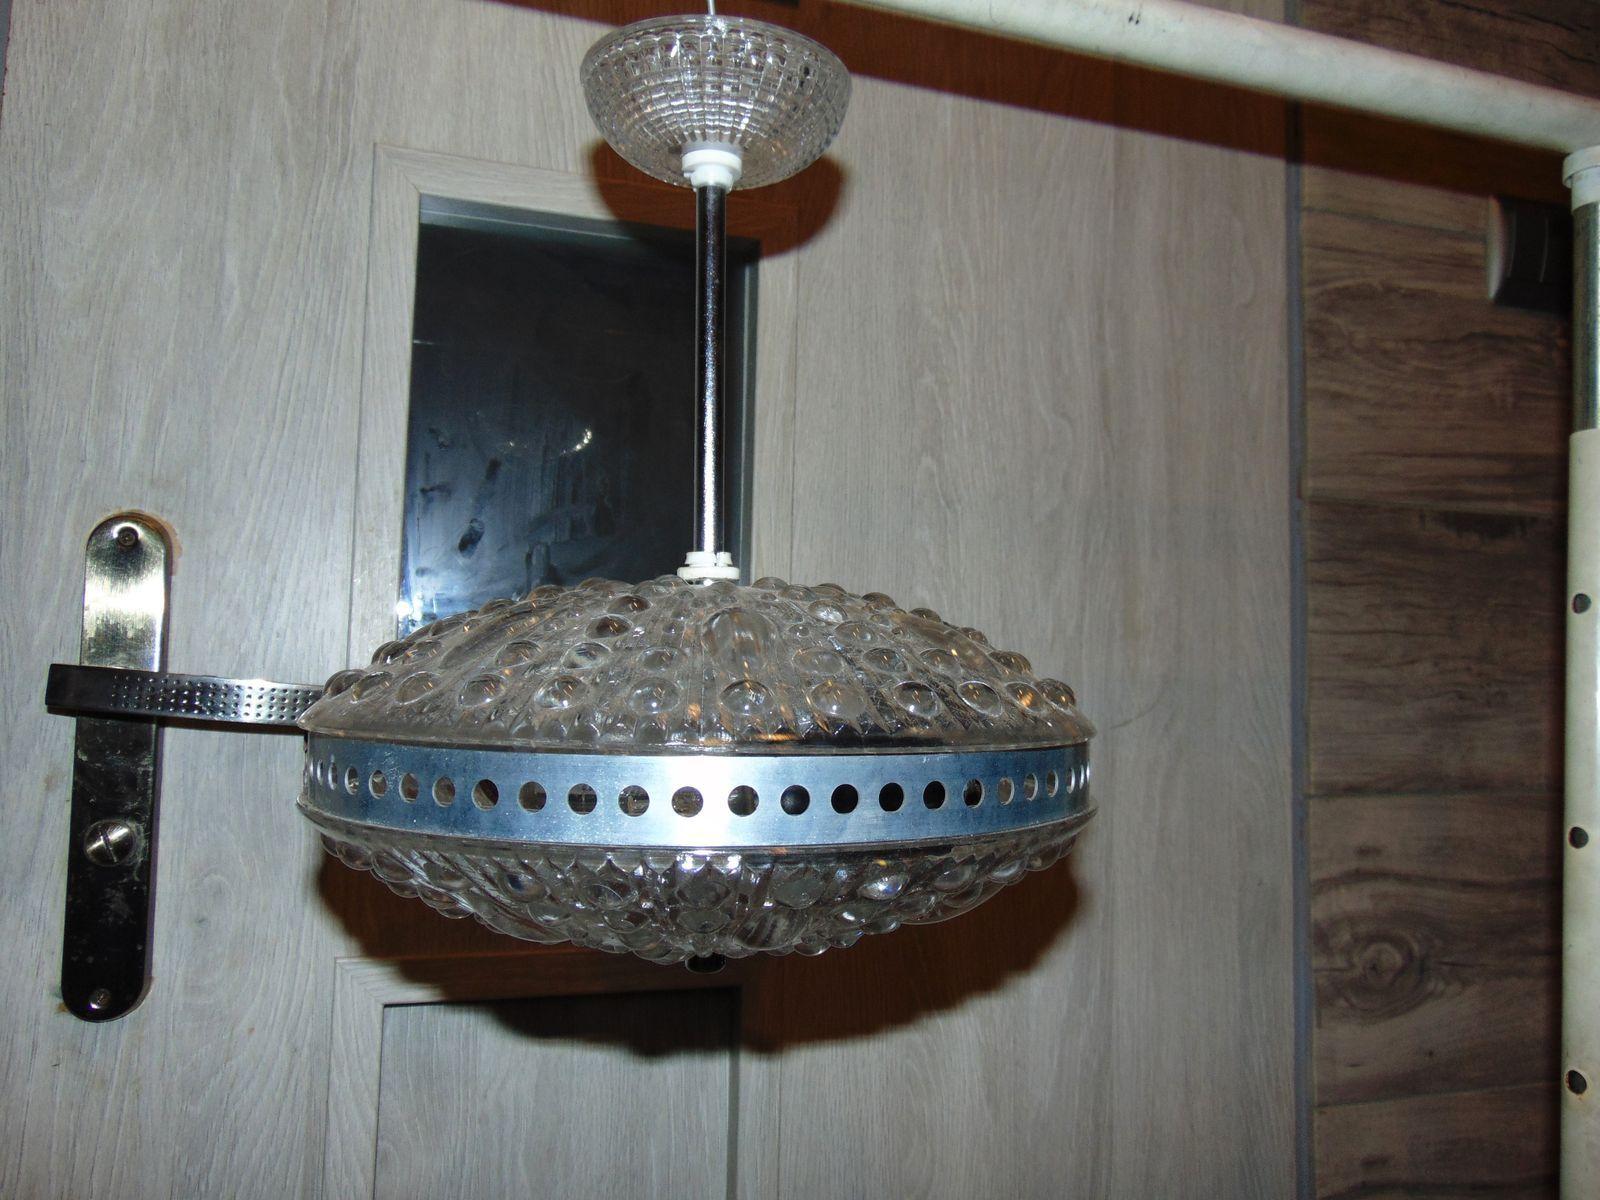 Wohnzimmer Deckenlampe Selber Bauen Design Deckenleuchte Bad